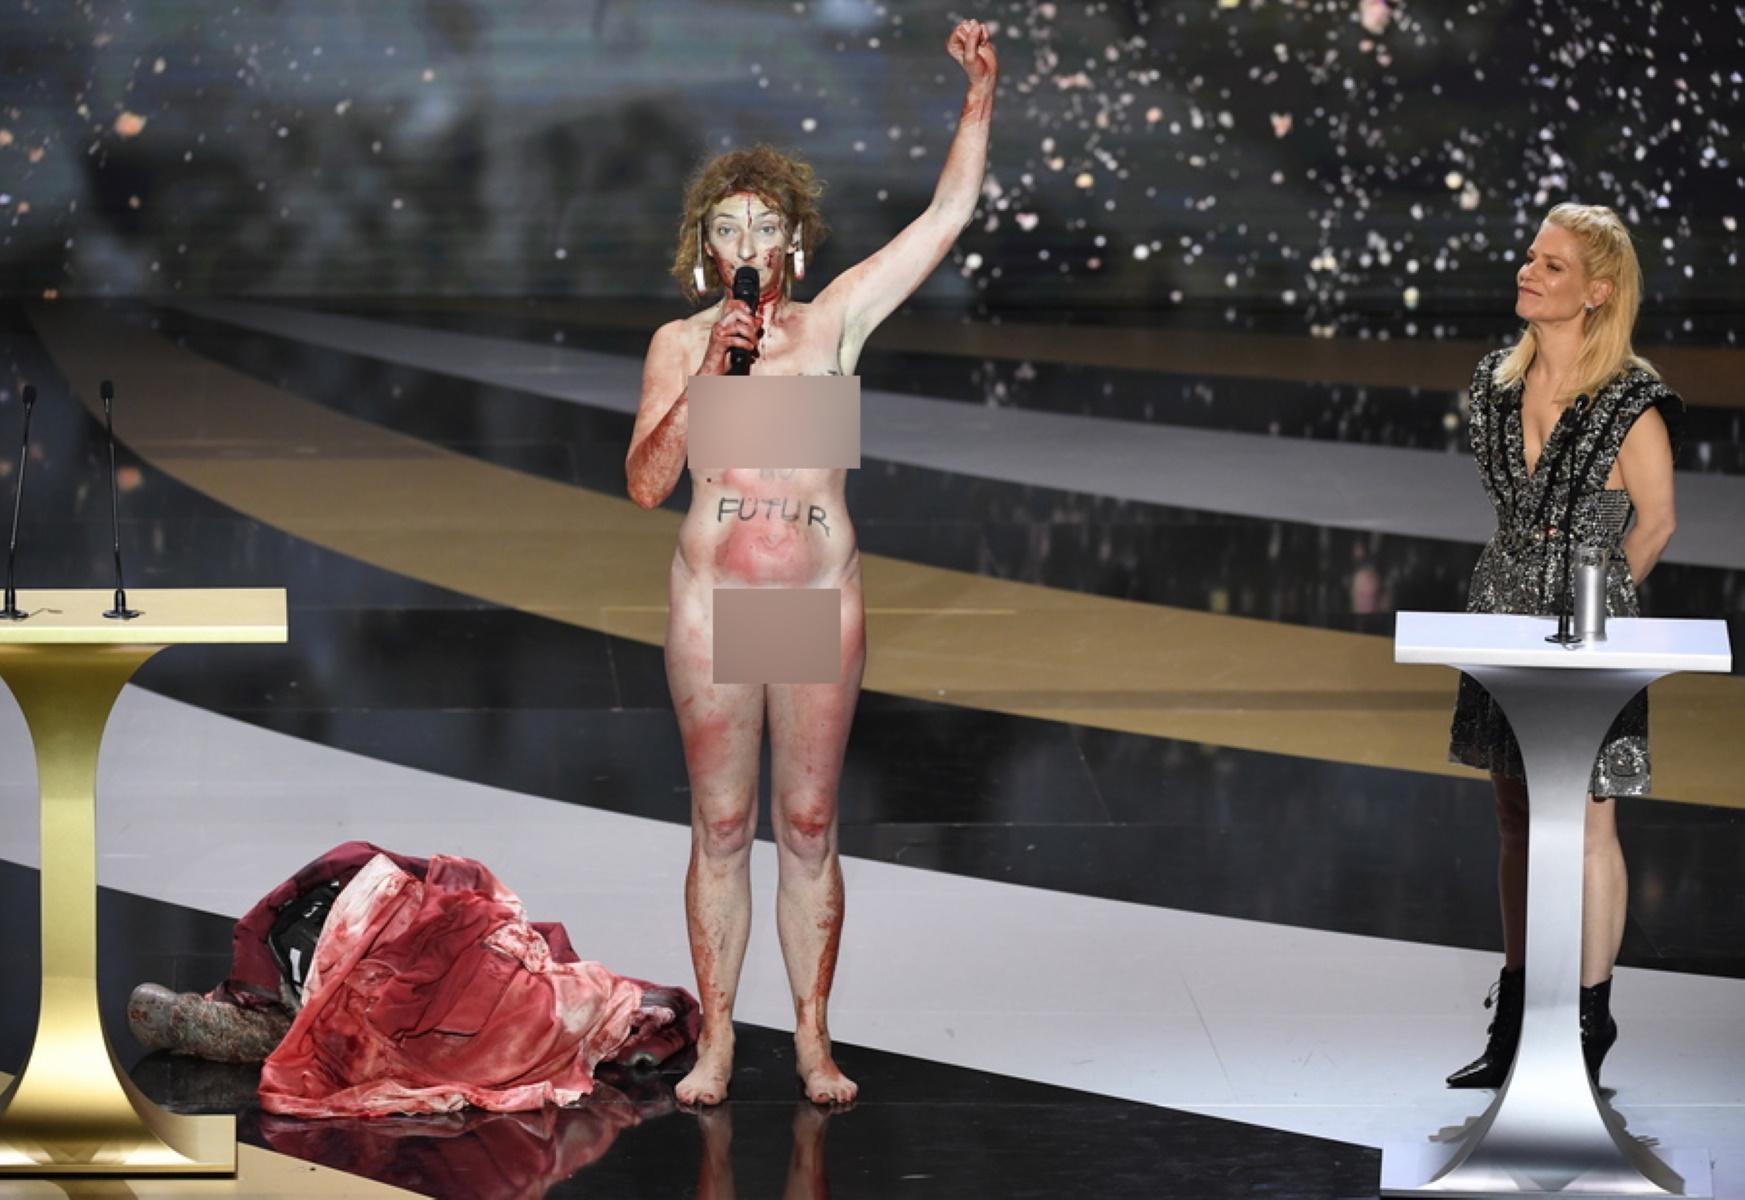 Χαμός στα Βραβεία Σεζάρ: Γυμνή στη σκηνή η Κορίν Μαζιερό (pics)